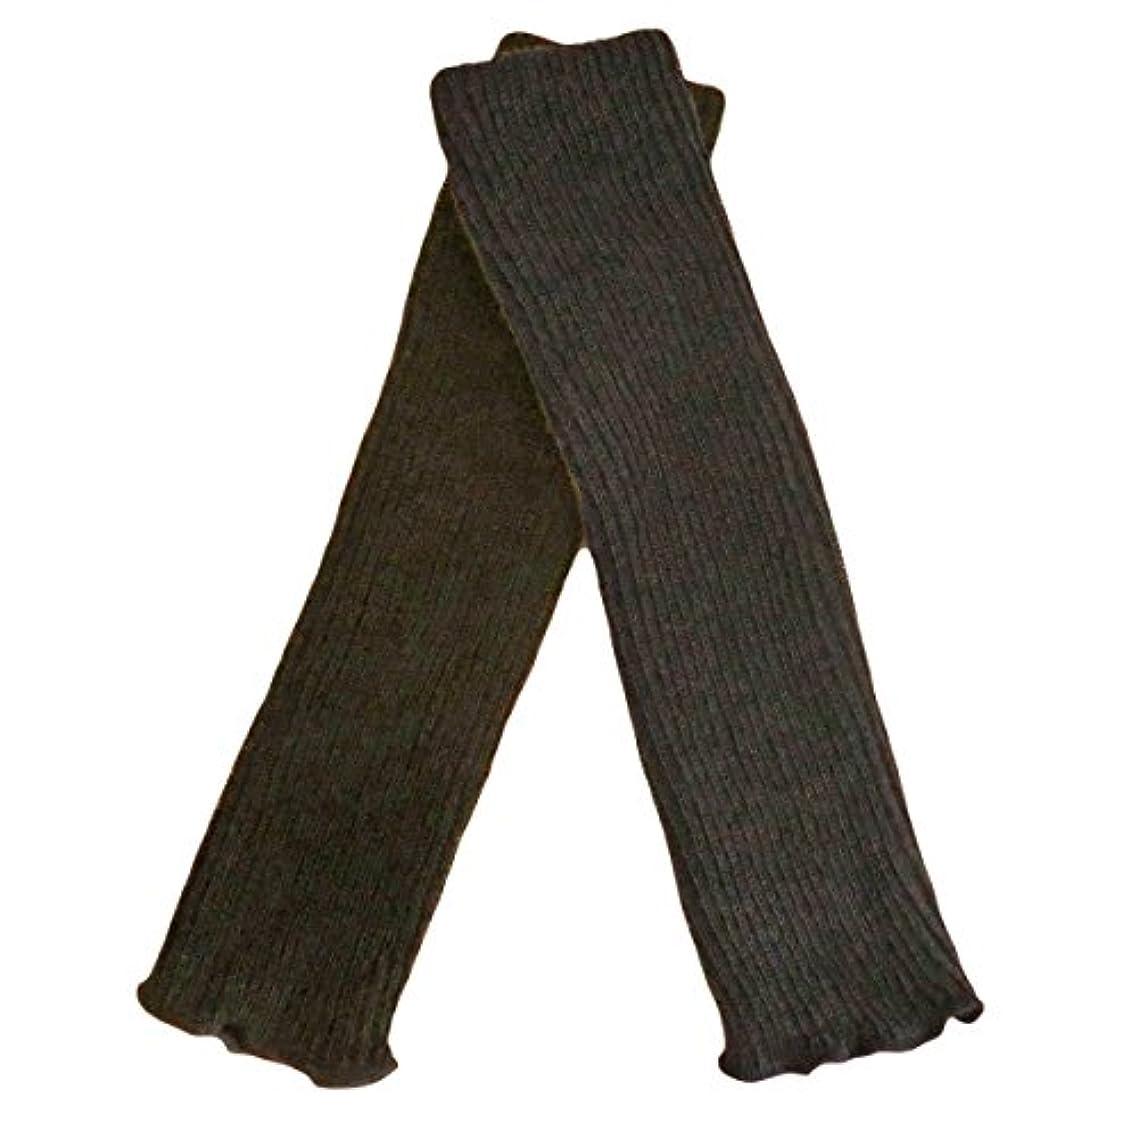 怖がって死ぬ決定するクアッガシルクウール二重編みレッグウォーマー 内絹外毛の二重縫製があたたかい厚手レッグウォーマー (ブラウン)